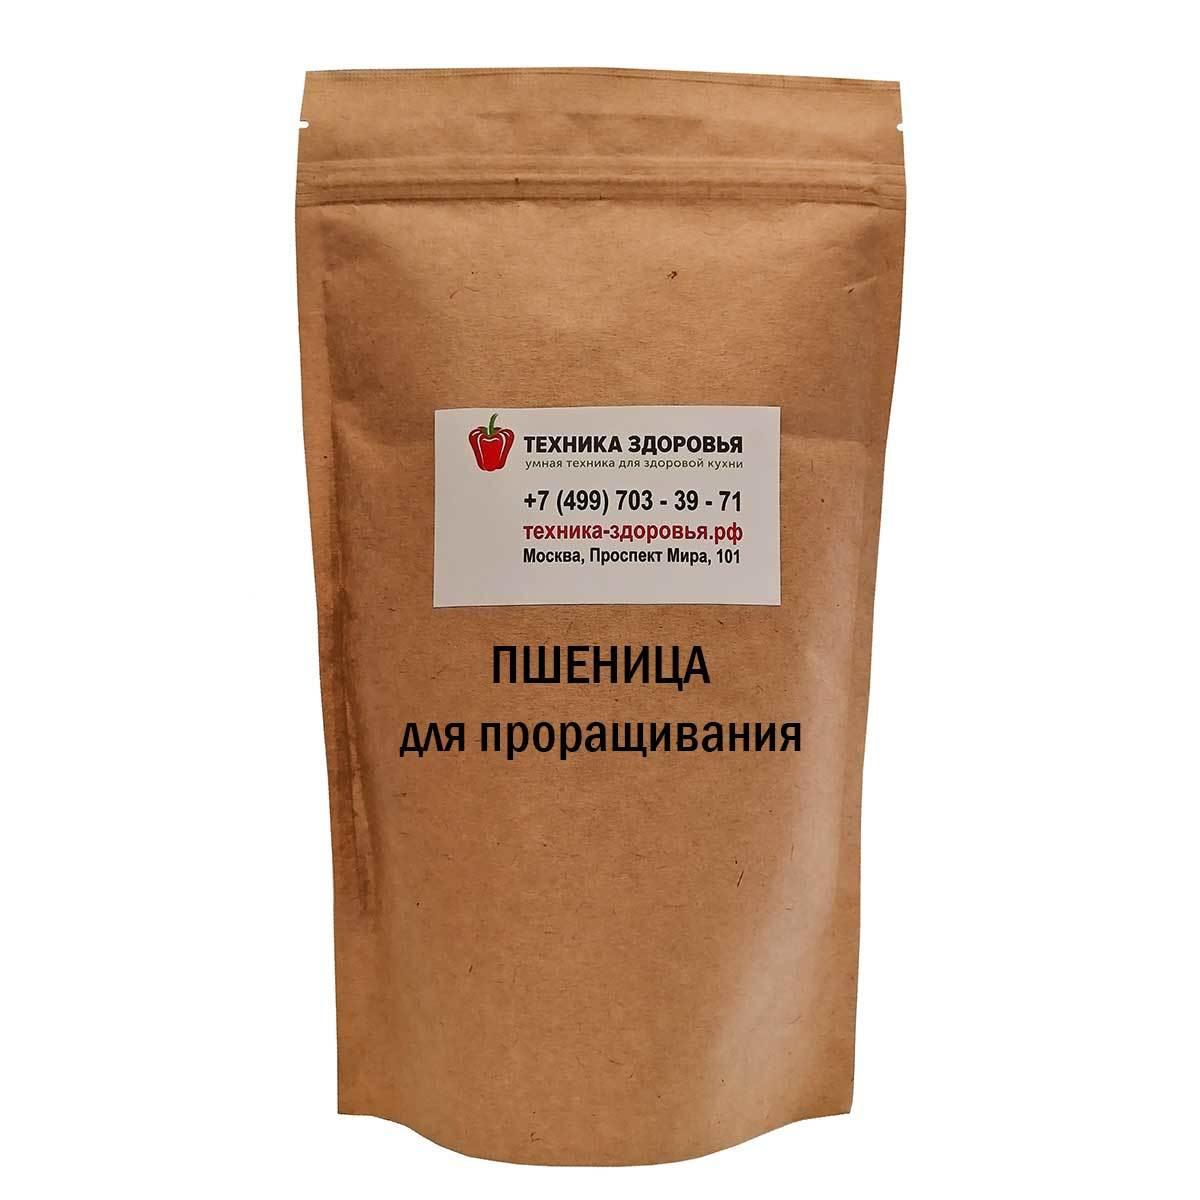 Пшеница для проращивания Чистый Продукт 500 г